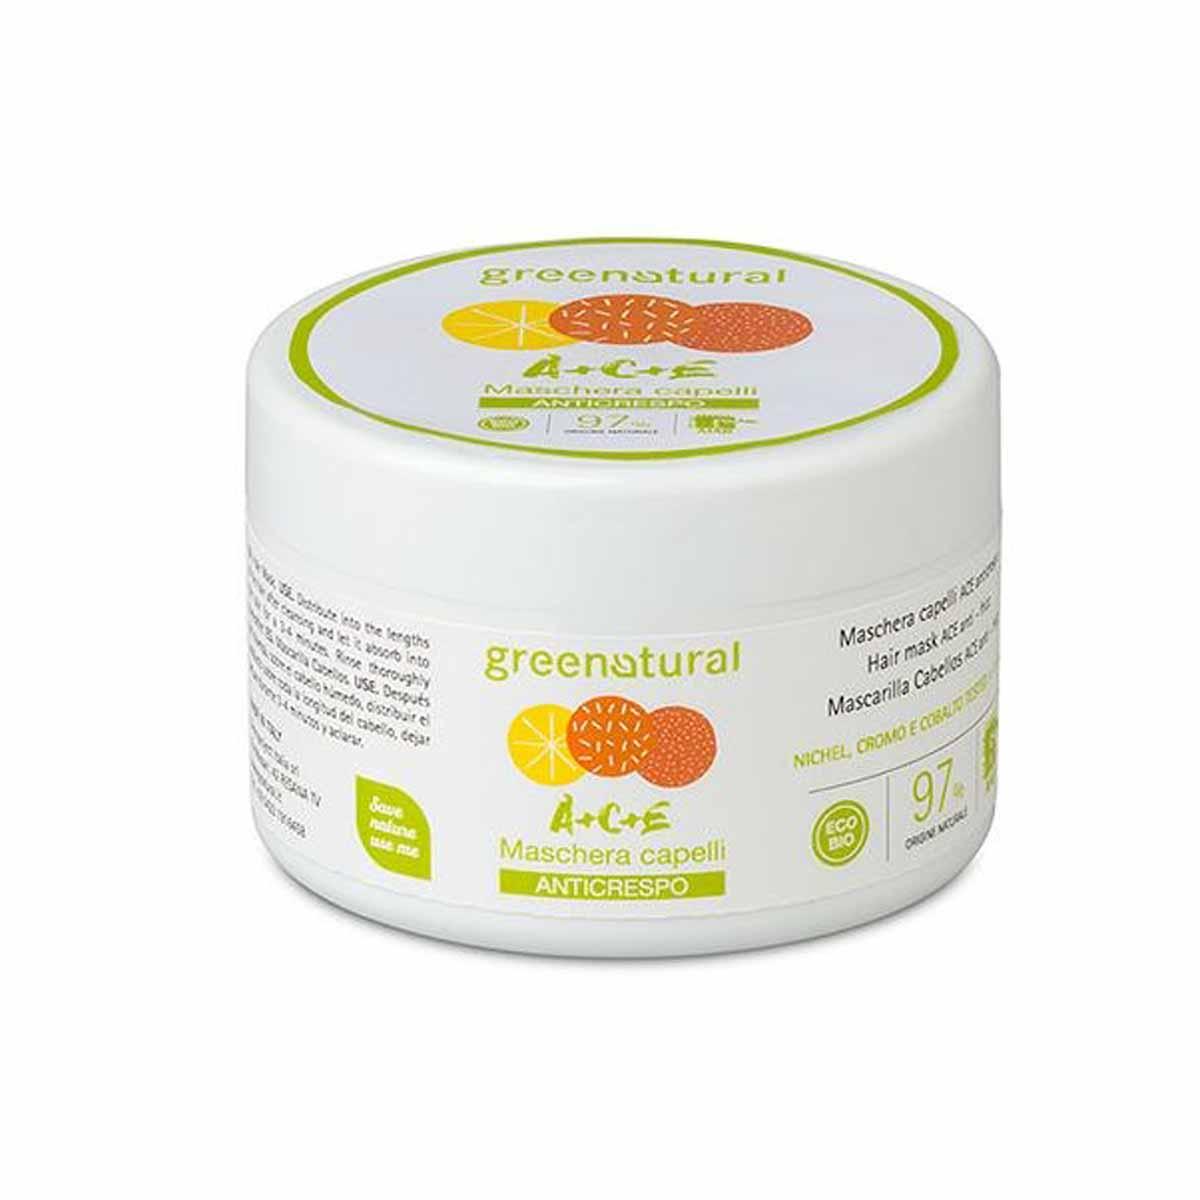 Greenatural – Maschera Capelli Multivitamine ACE